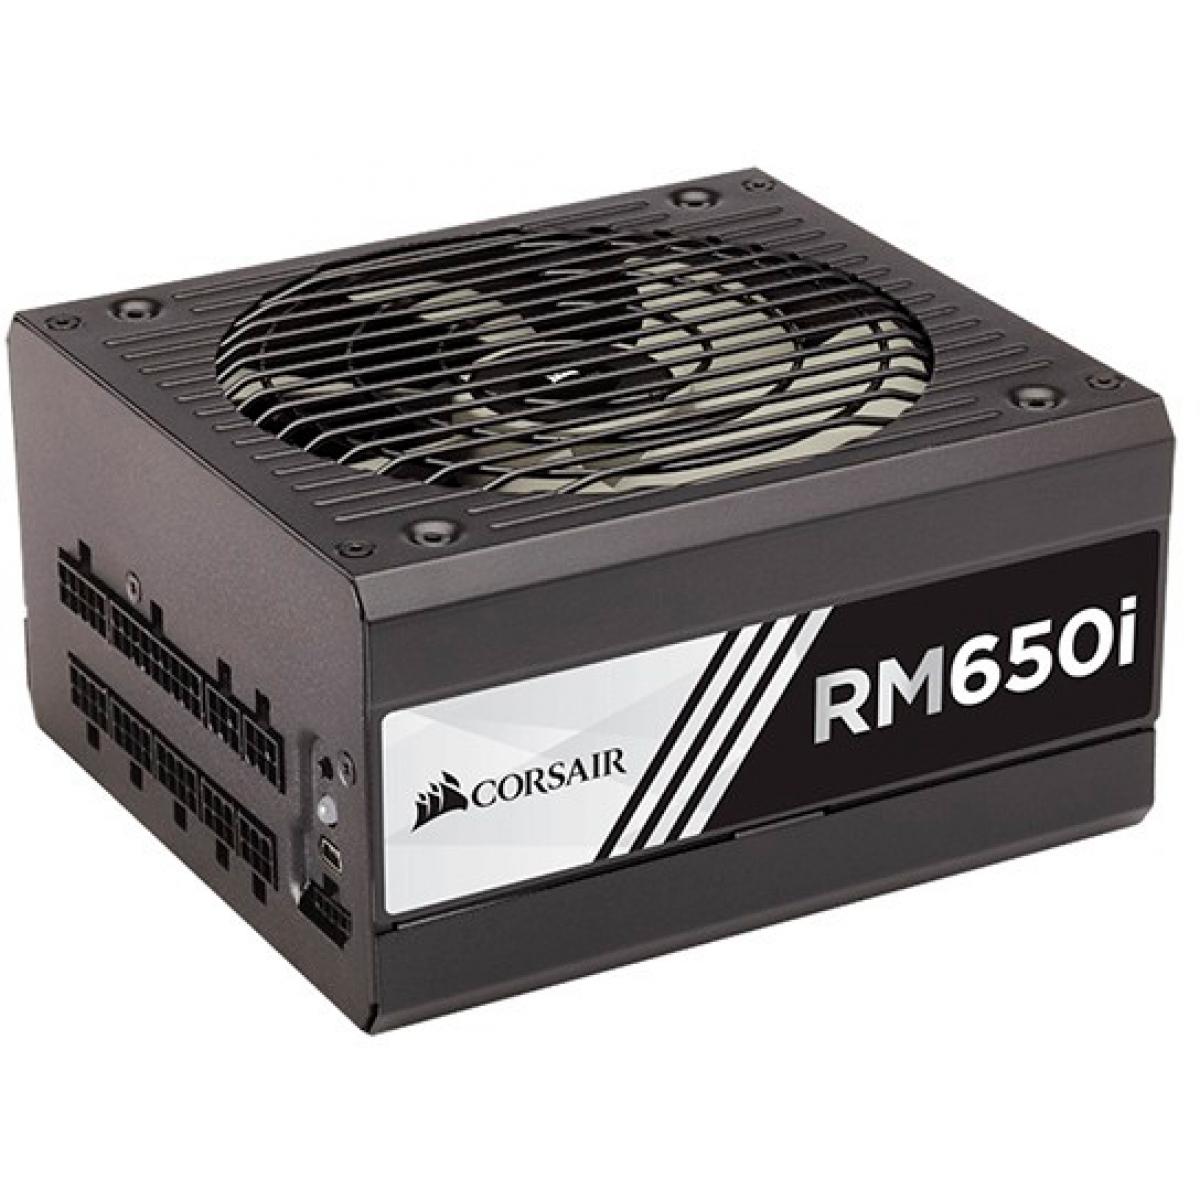 Fonte Corsair RM650i 650W, 80 Plus Gold, PFC Ativo, Full Modular, CP-9020081-WW